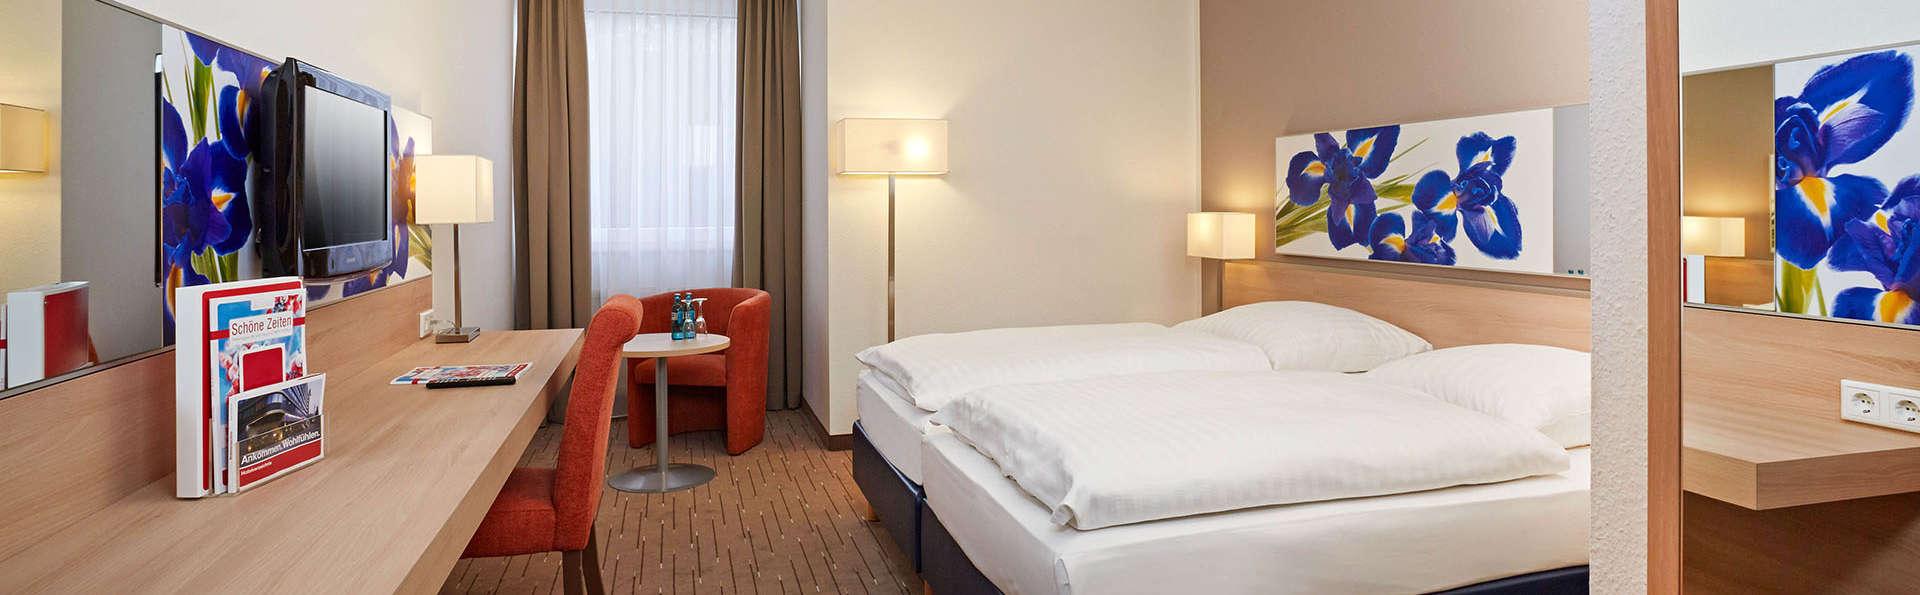 H+ Hotel Wiesbaden-Niedernhausen - EDIT_h-hotels_zimmer-doppel-02-hplus-hotel-wiesbaden-niedernhausen_Original__kommerz._Nutzung__12.jpg